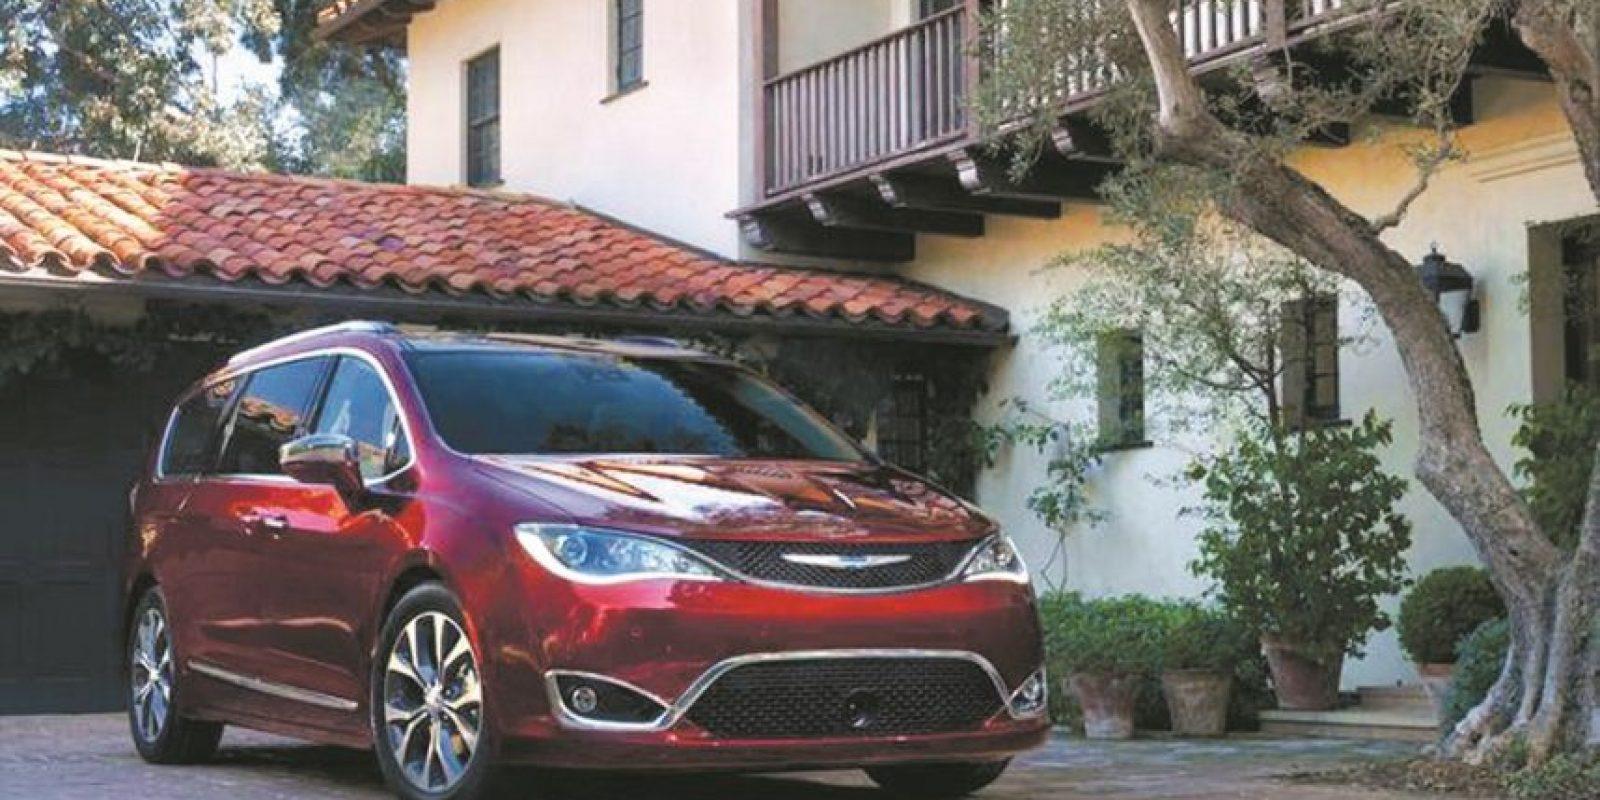 Chrysler recrea la minivan: con la Pacifica. Con una historia de 30 años, esta nueva Chrysler propone 78 innovaciones y hasta aspiradora le ha puesto al vehículo de movilidad familiar por excelencia. Motor de 3.6 litros V6, pero también se convierte en la primera compañía en ofrecer una minivan híbrida. Foto:Fuente Externa